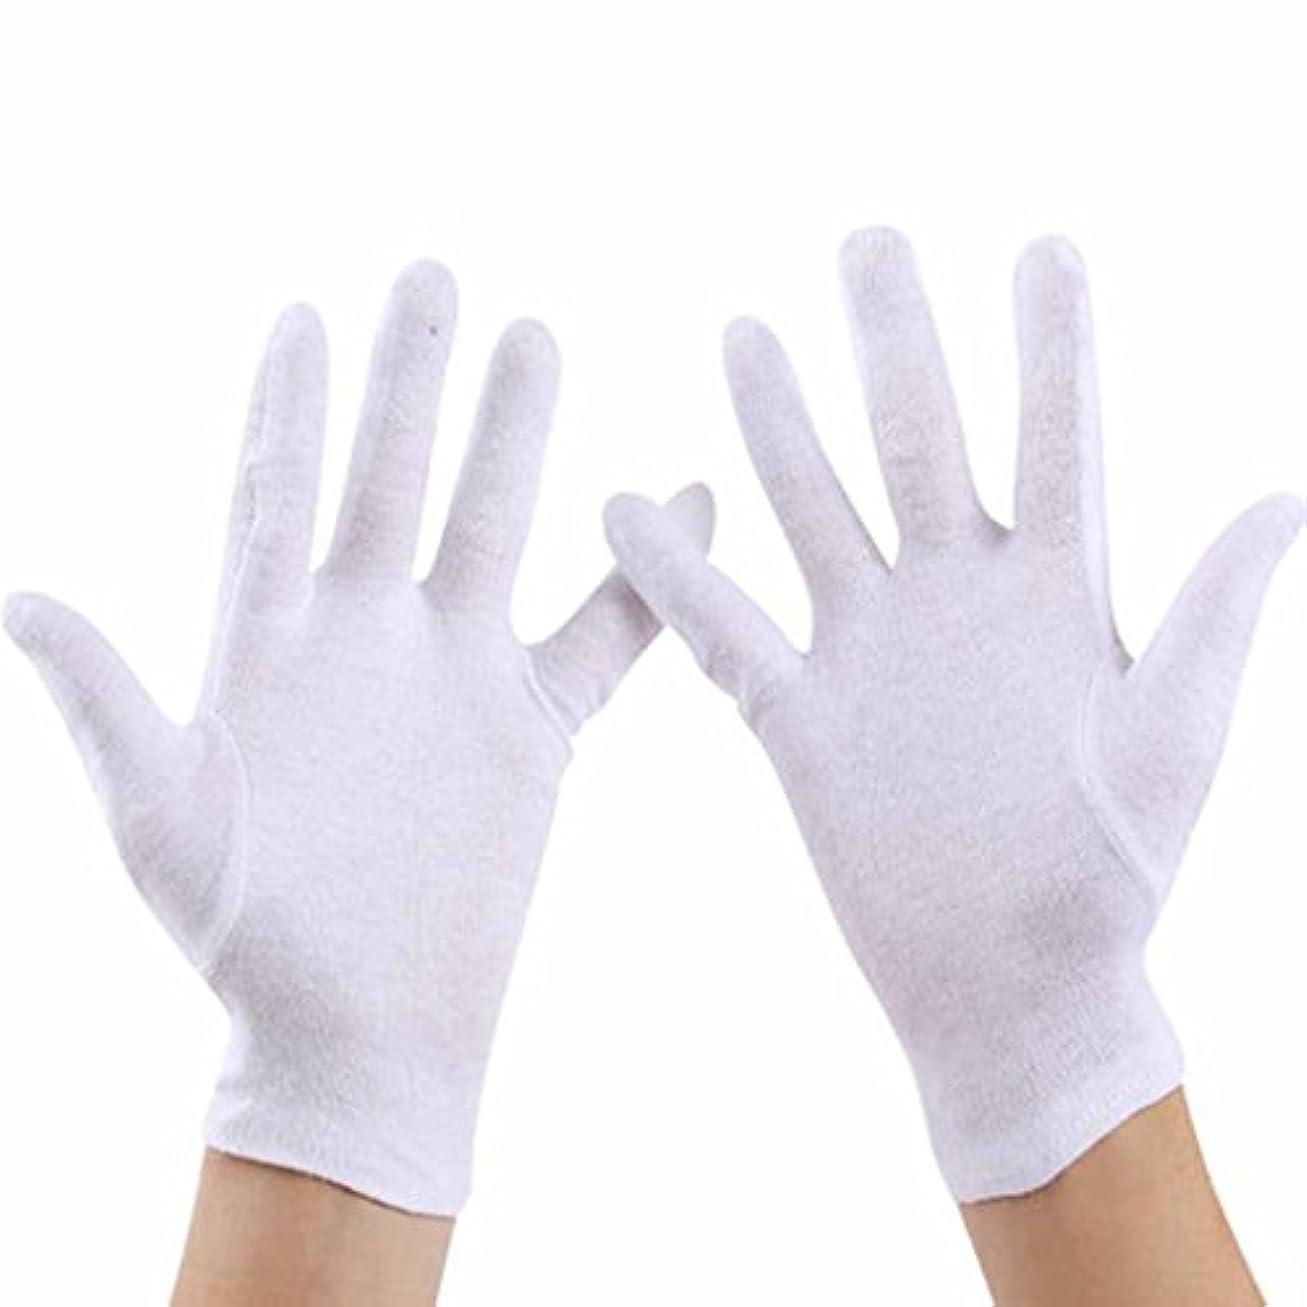 スクリューわがまま悩む使い捨て手袋 ホワイトエチケットコットン手袋、快適で 吸収性手袋 (Size : L)